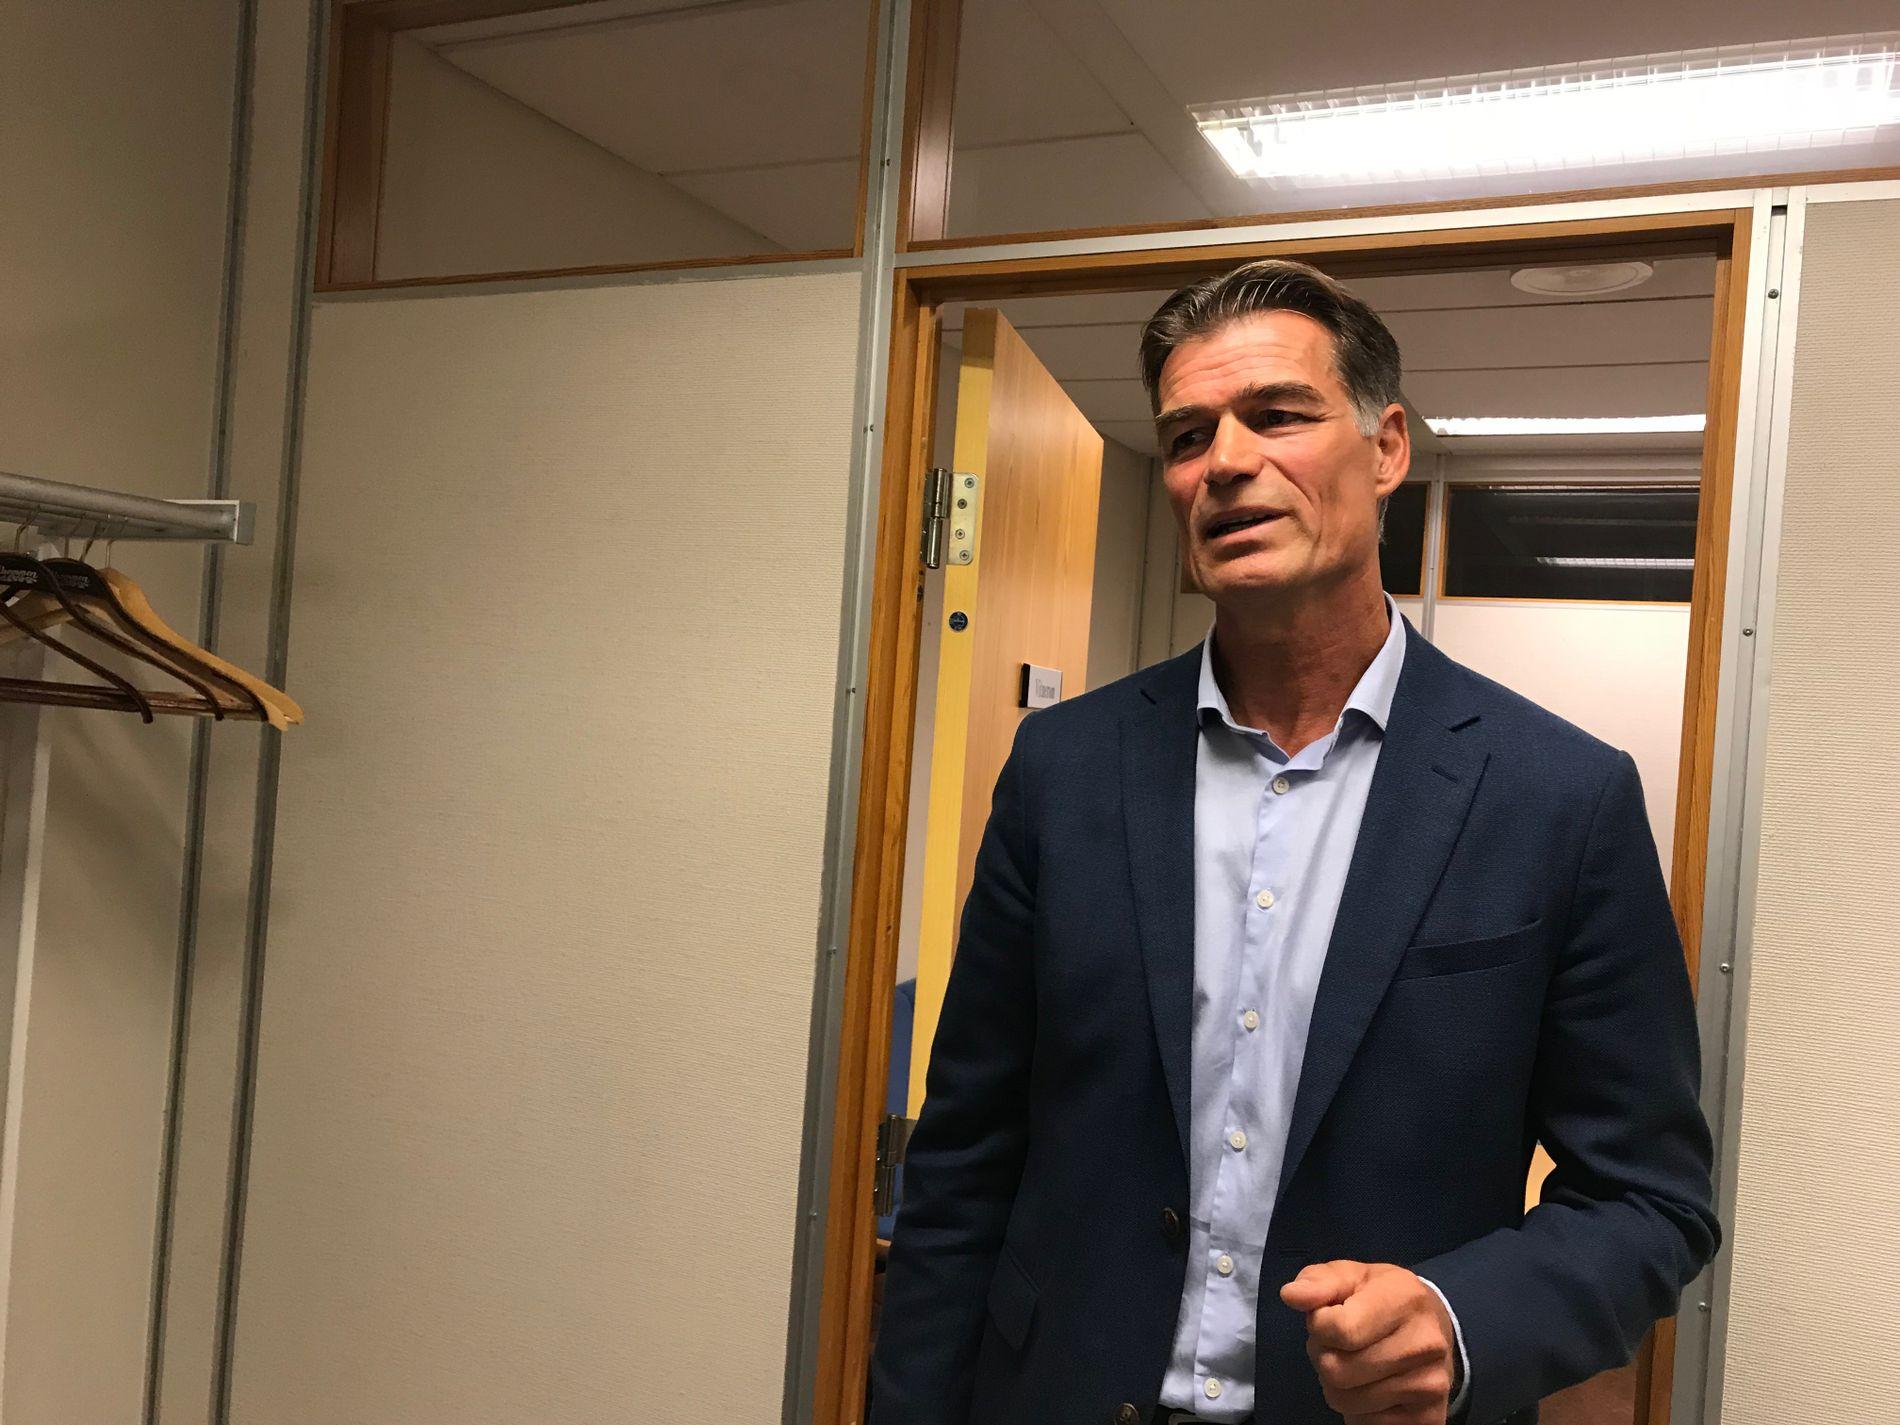 DAGLIG LEDER: Øystein Neerland, daglig leder i Molde Fotbalklubb, møtte i dag som vitne i Romsdal tingrett, hvor en spiller i klubben står tiltalt for sovevoldtekt.